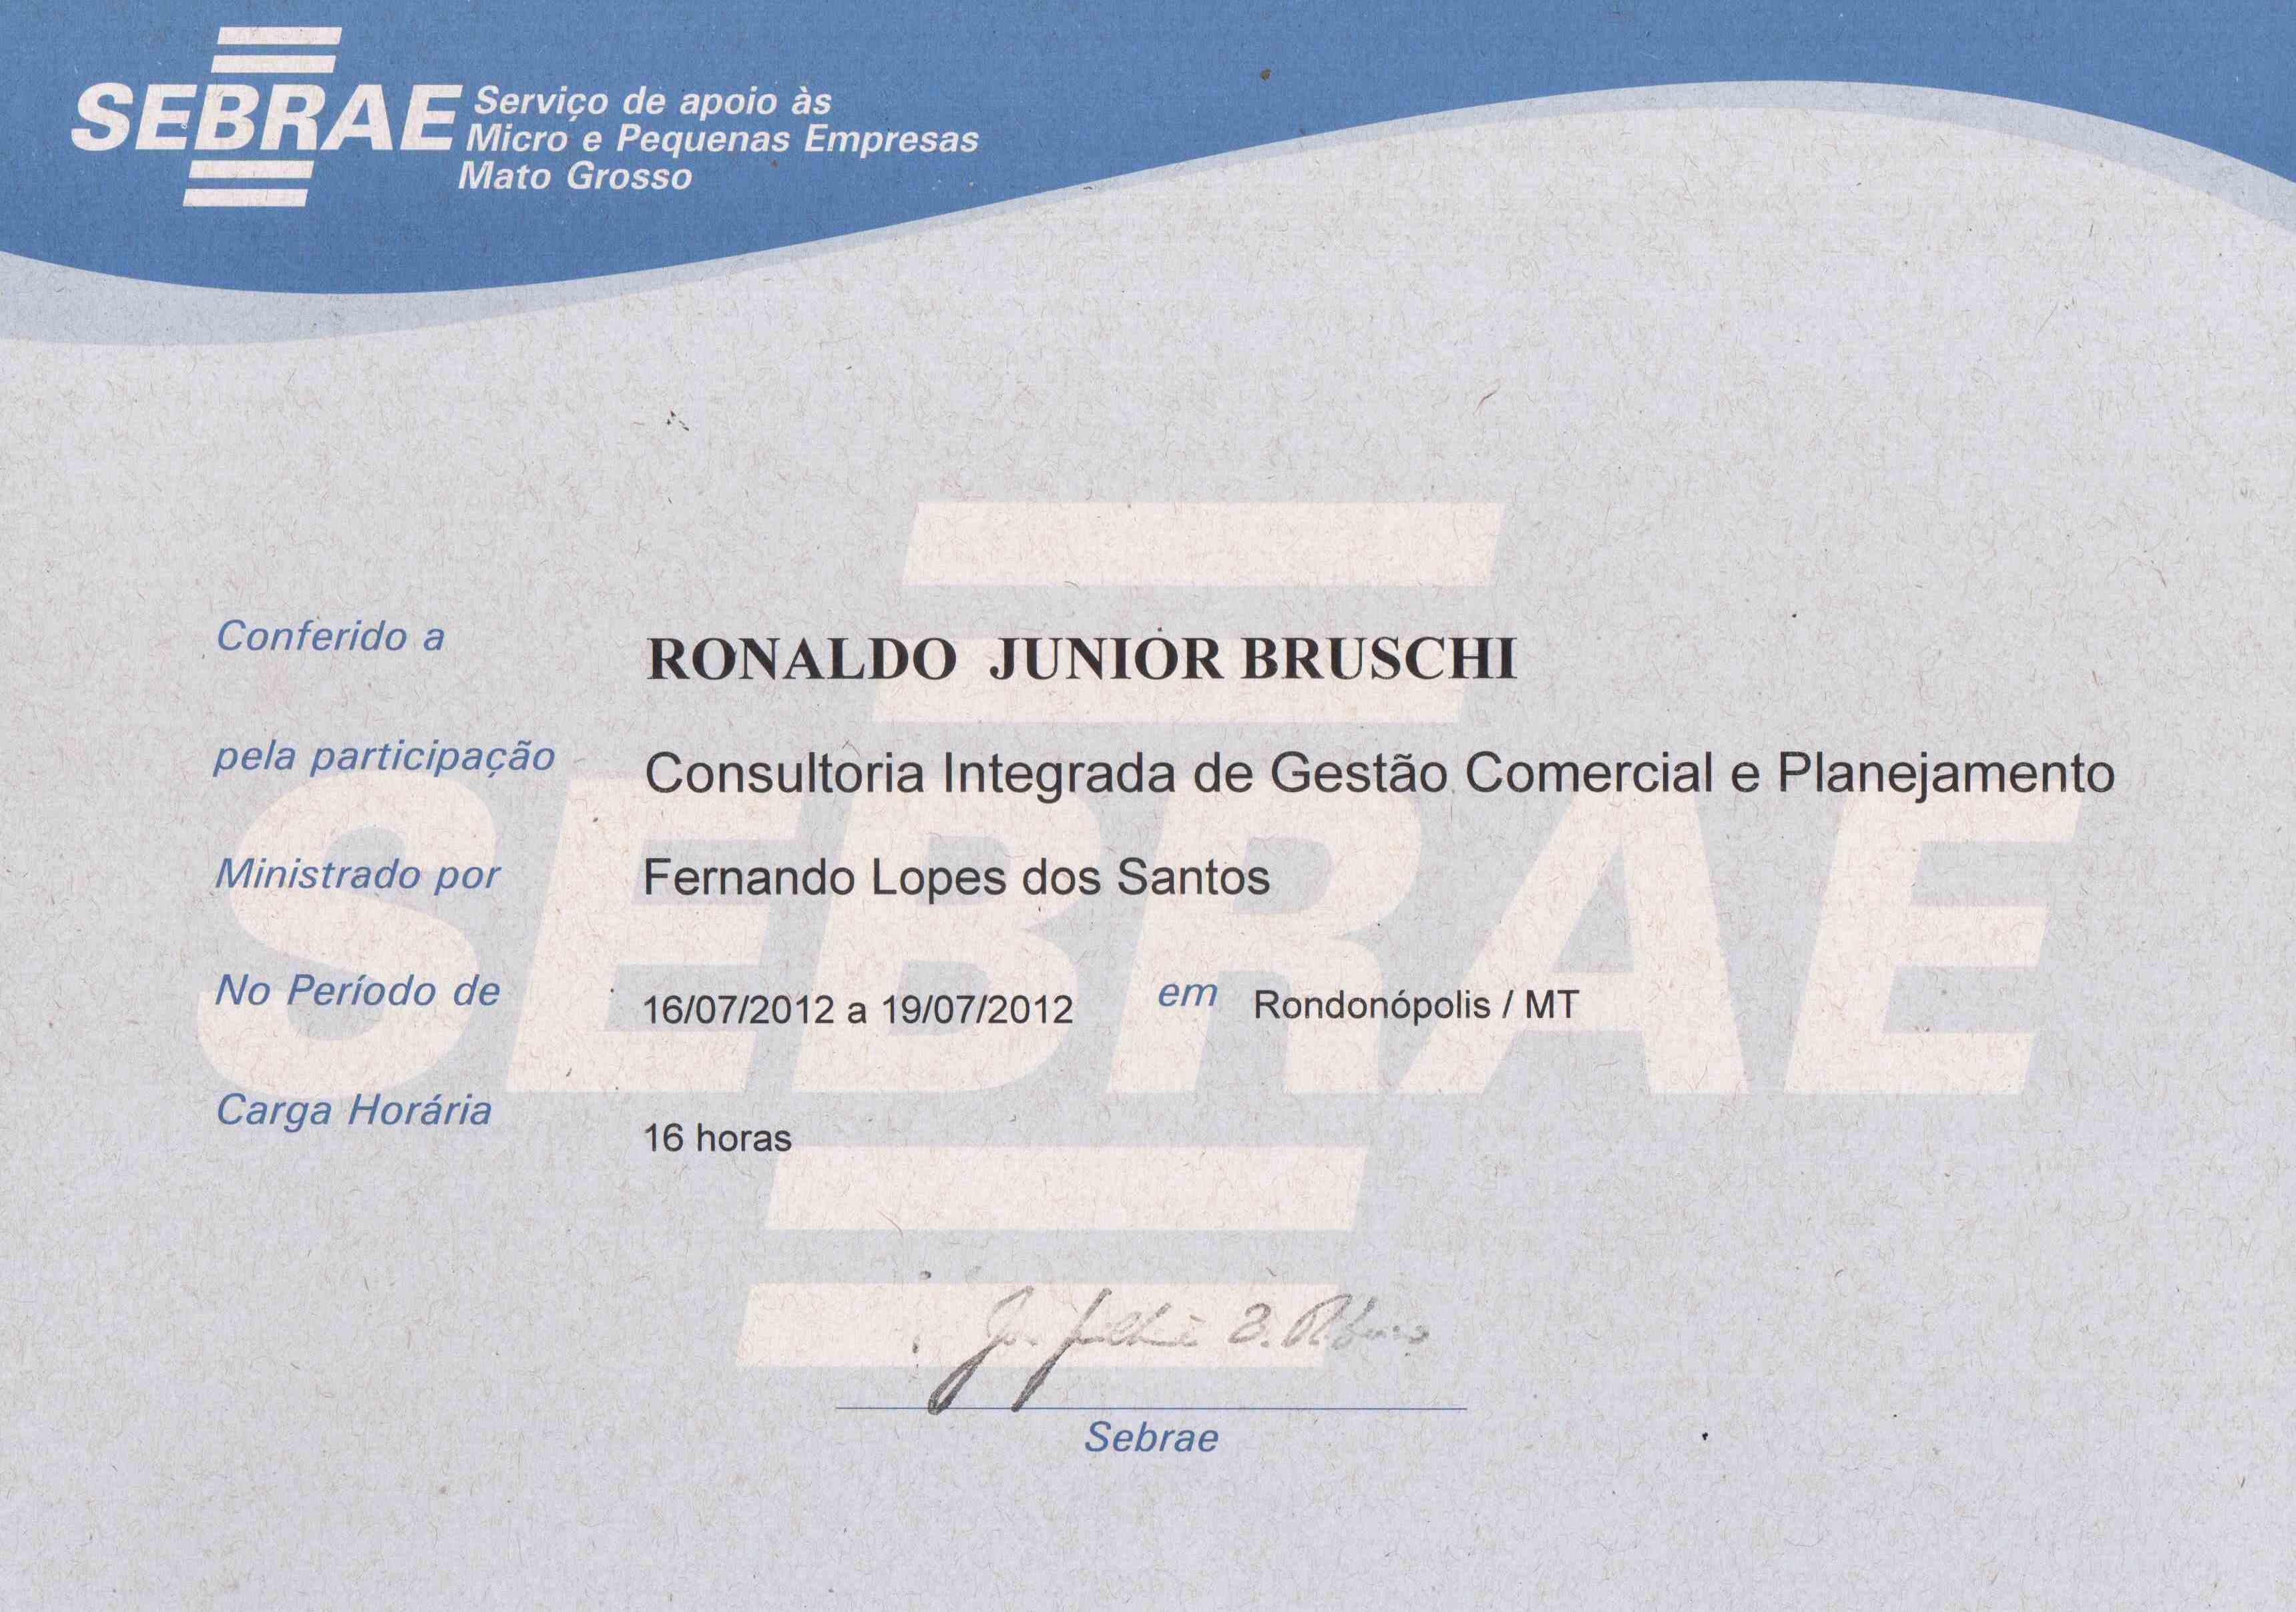 Consultoria Integrada de Gestão Comercial e Planejamento